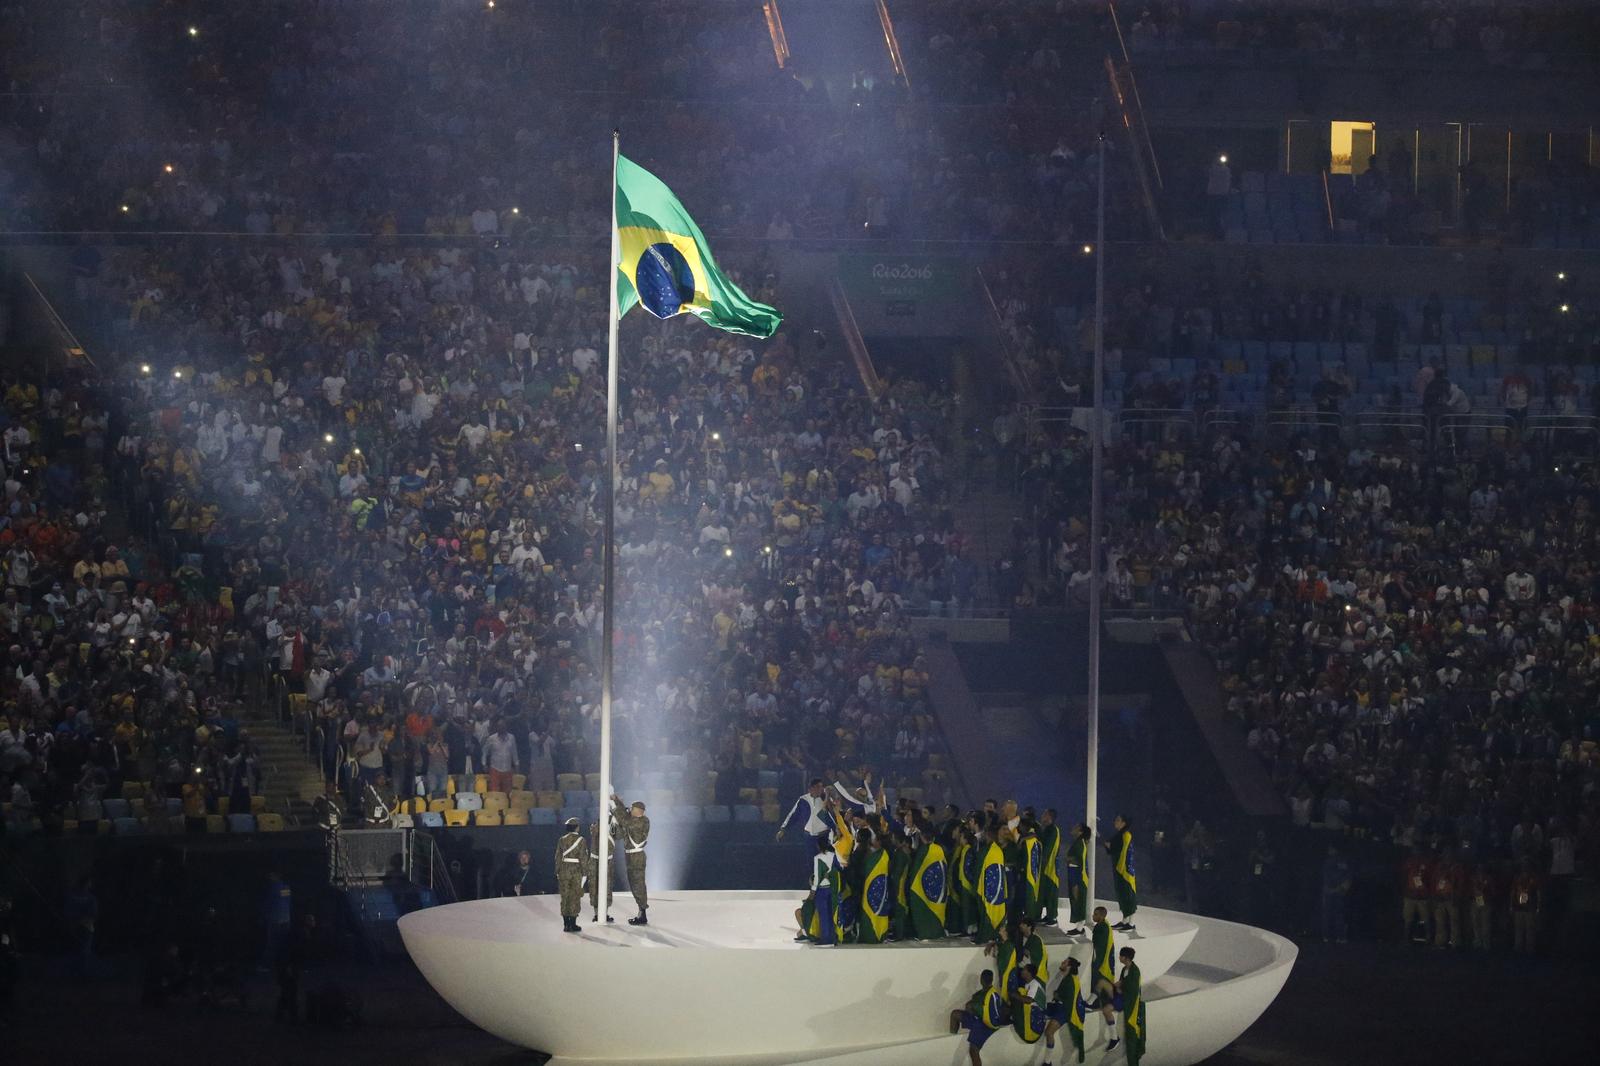 Поднятие бразильского флага на импровизированном корабле во время церемонии открытия летних олимпийских игр